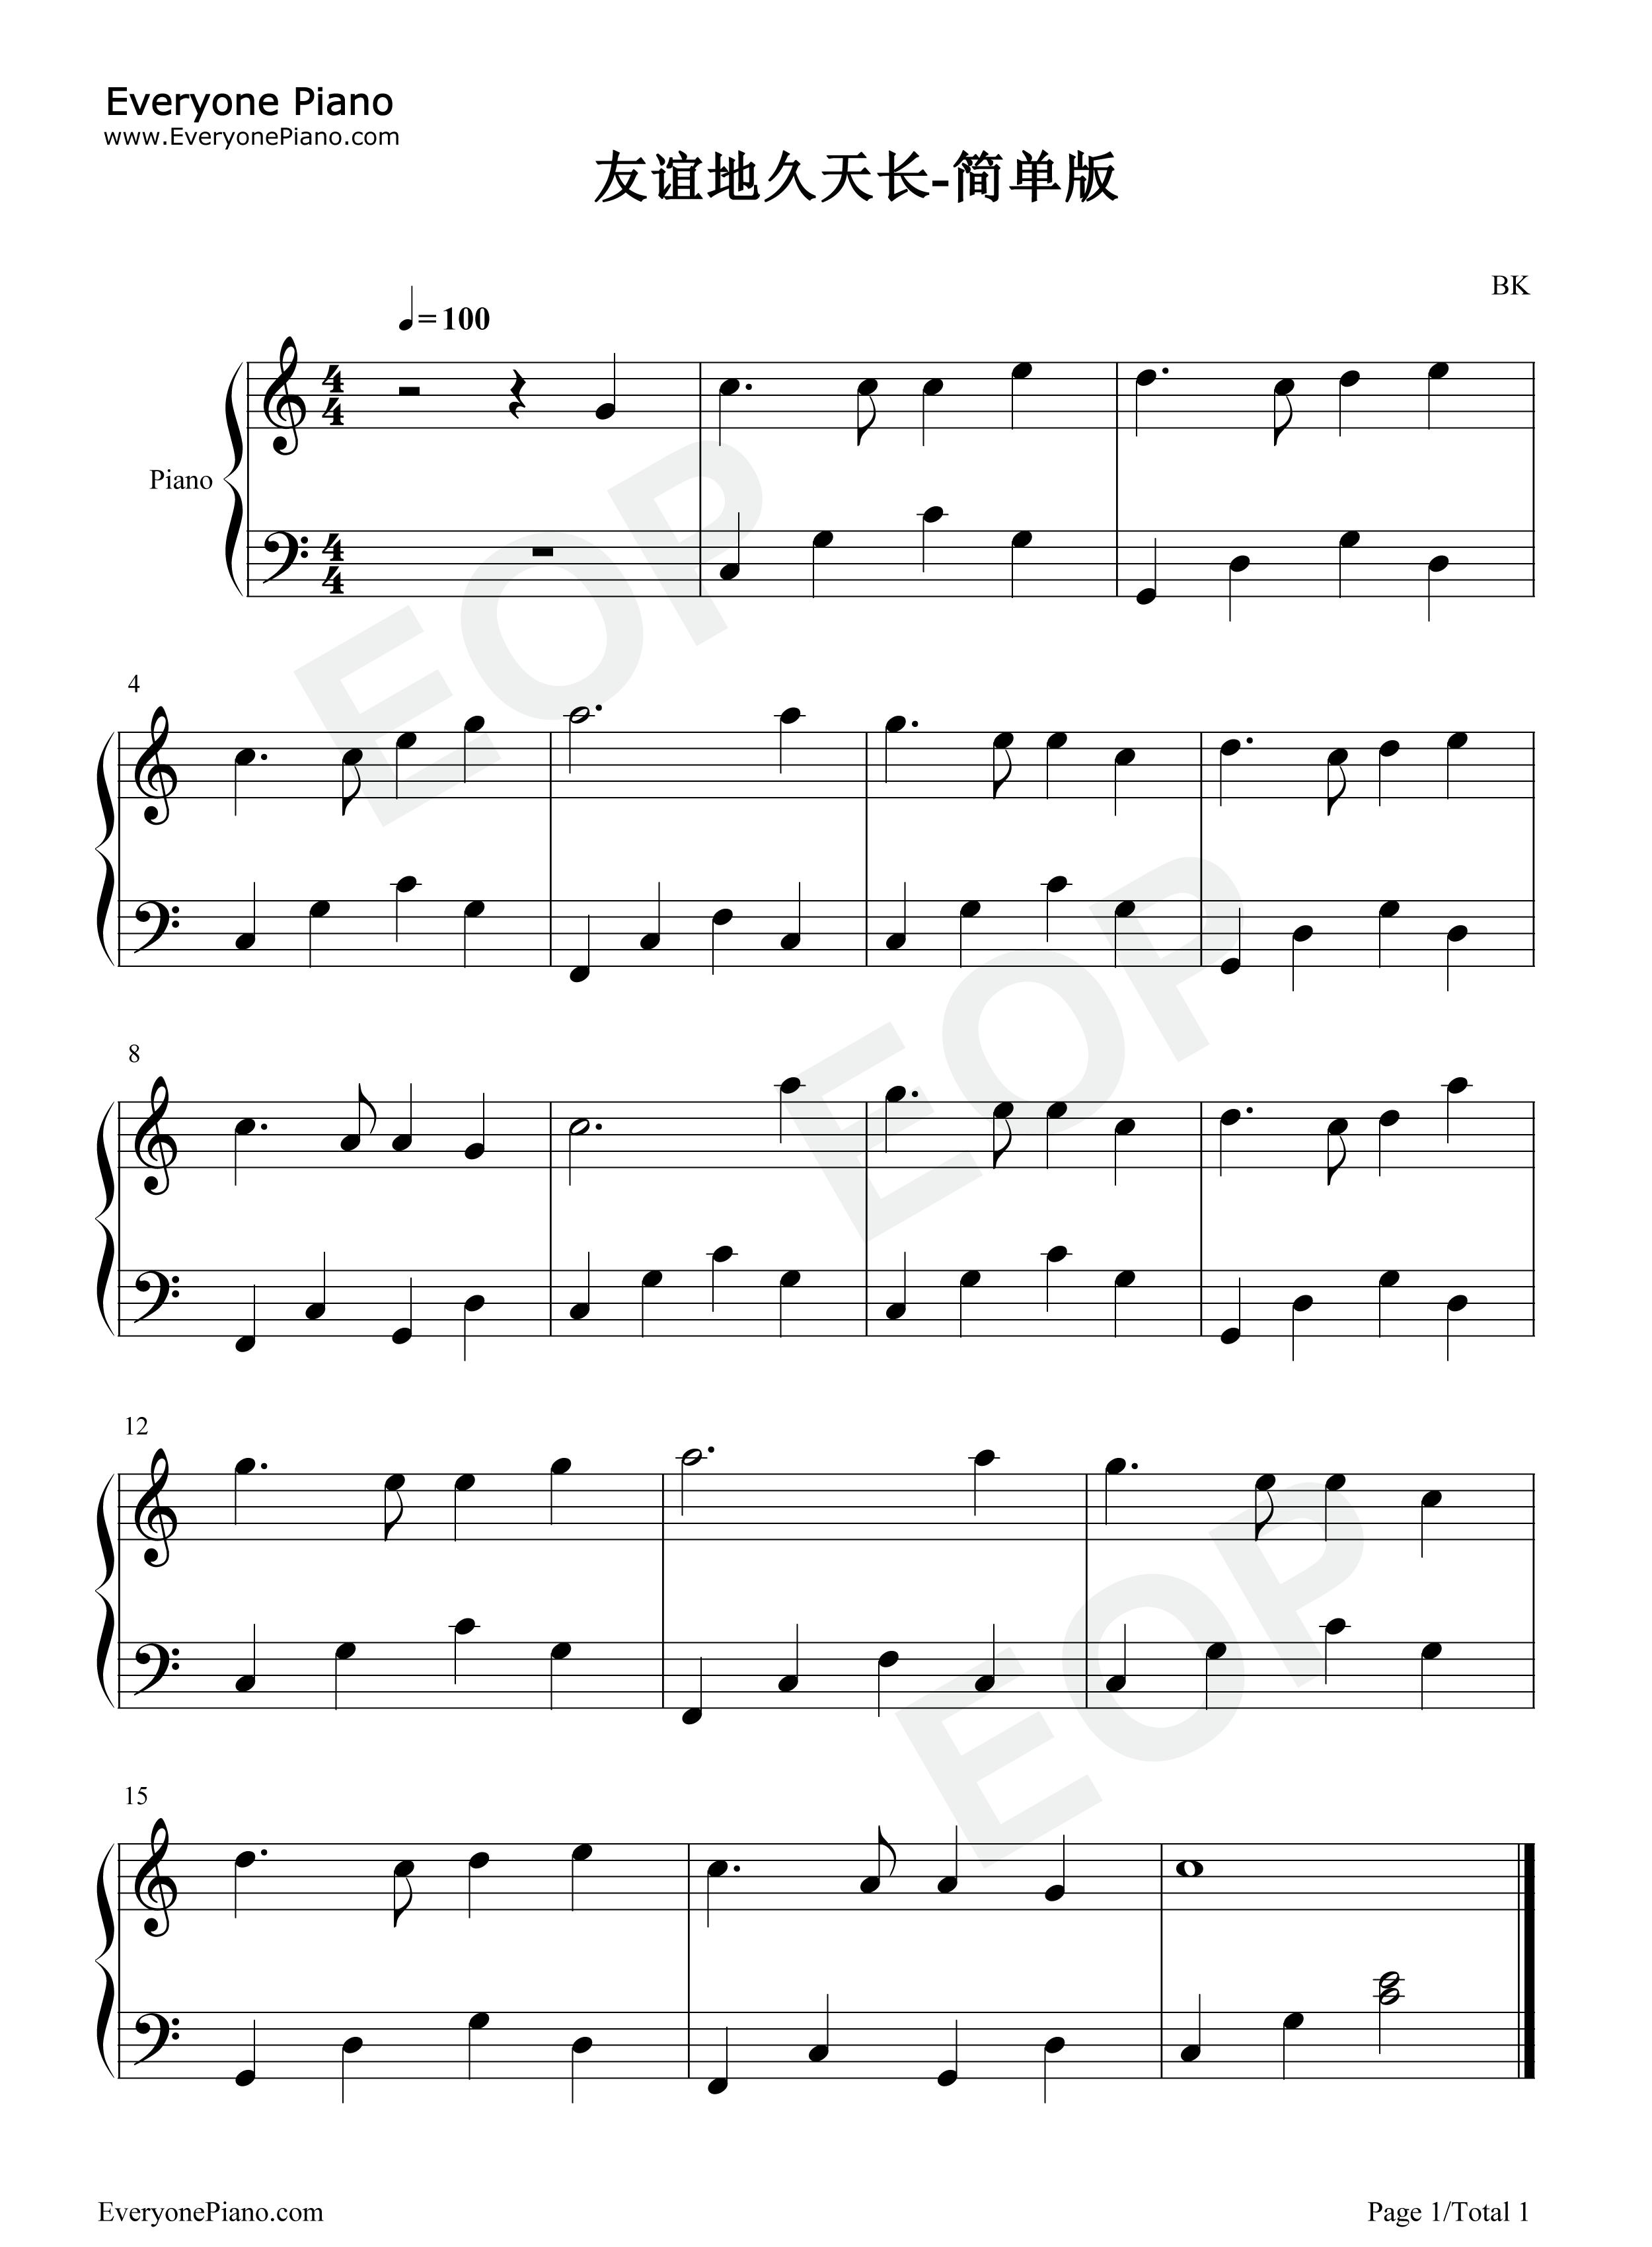 友谊地久天长(auld lang syne)五线谱预览1